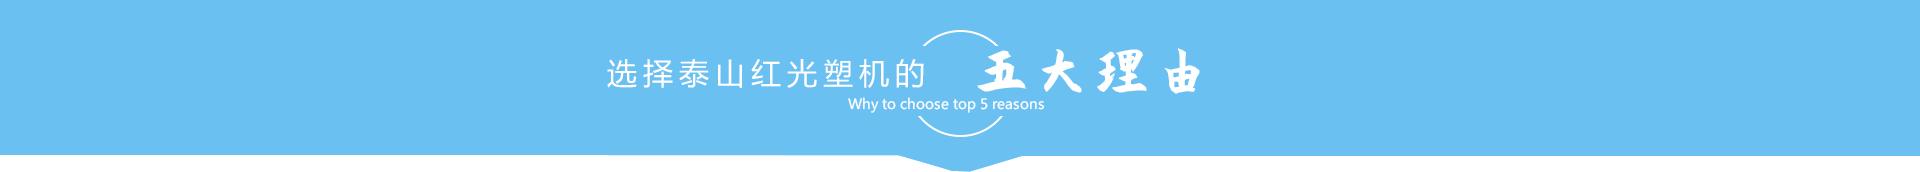 选择泰山红光的五大理由